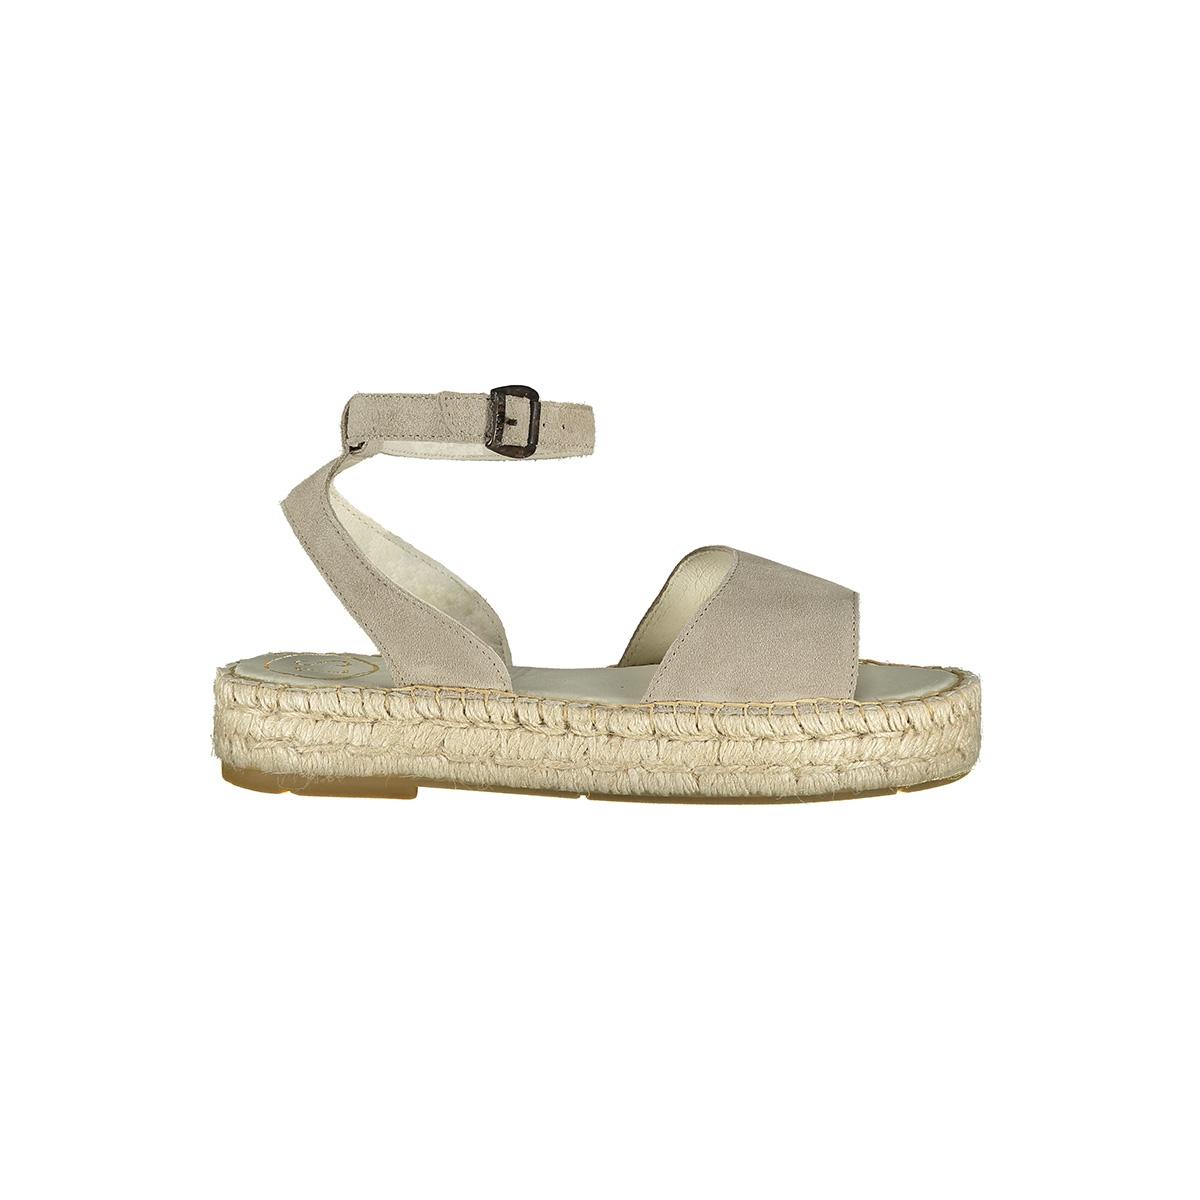 te gekke sandalen z1599 192 21su zusss sandaal zand